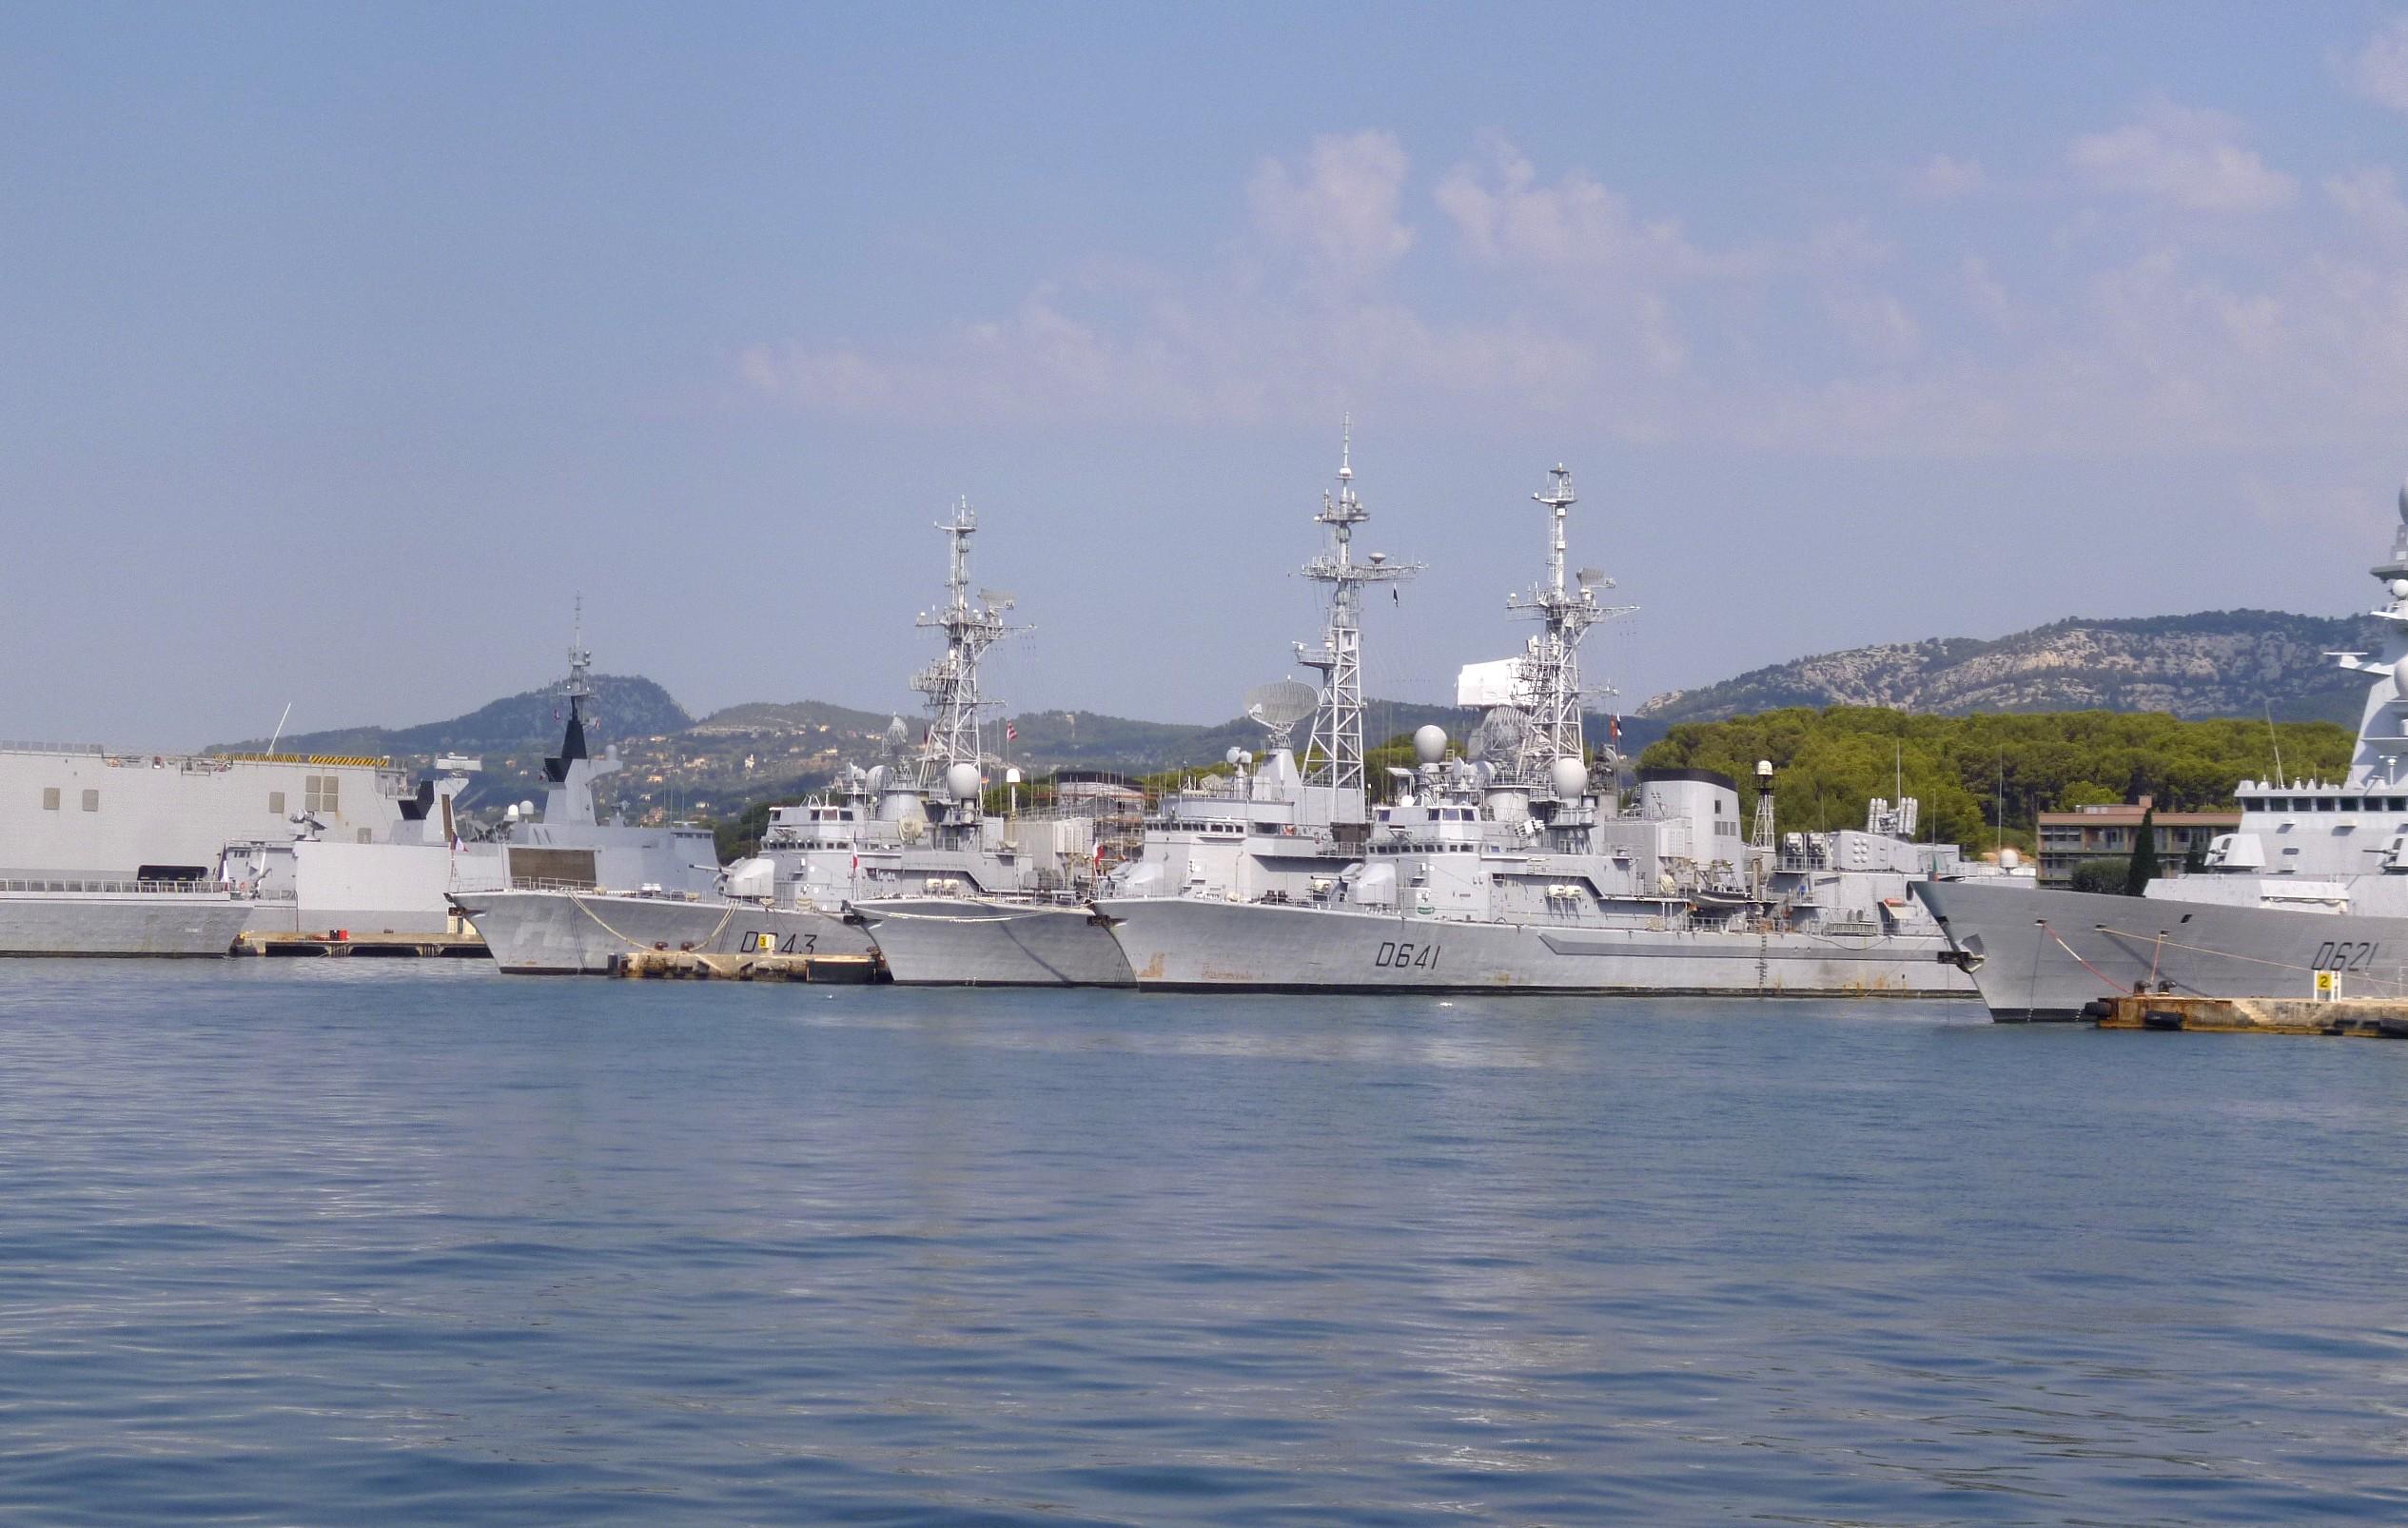 Les news en images du port de TOULON - Page 37 9565056598_6ab3a9e83d_o